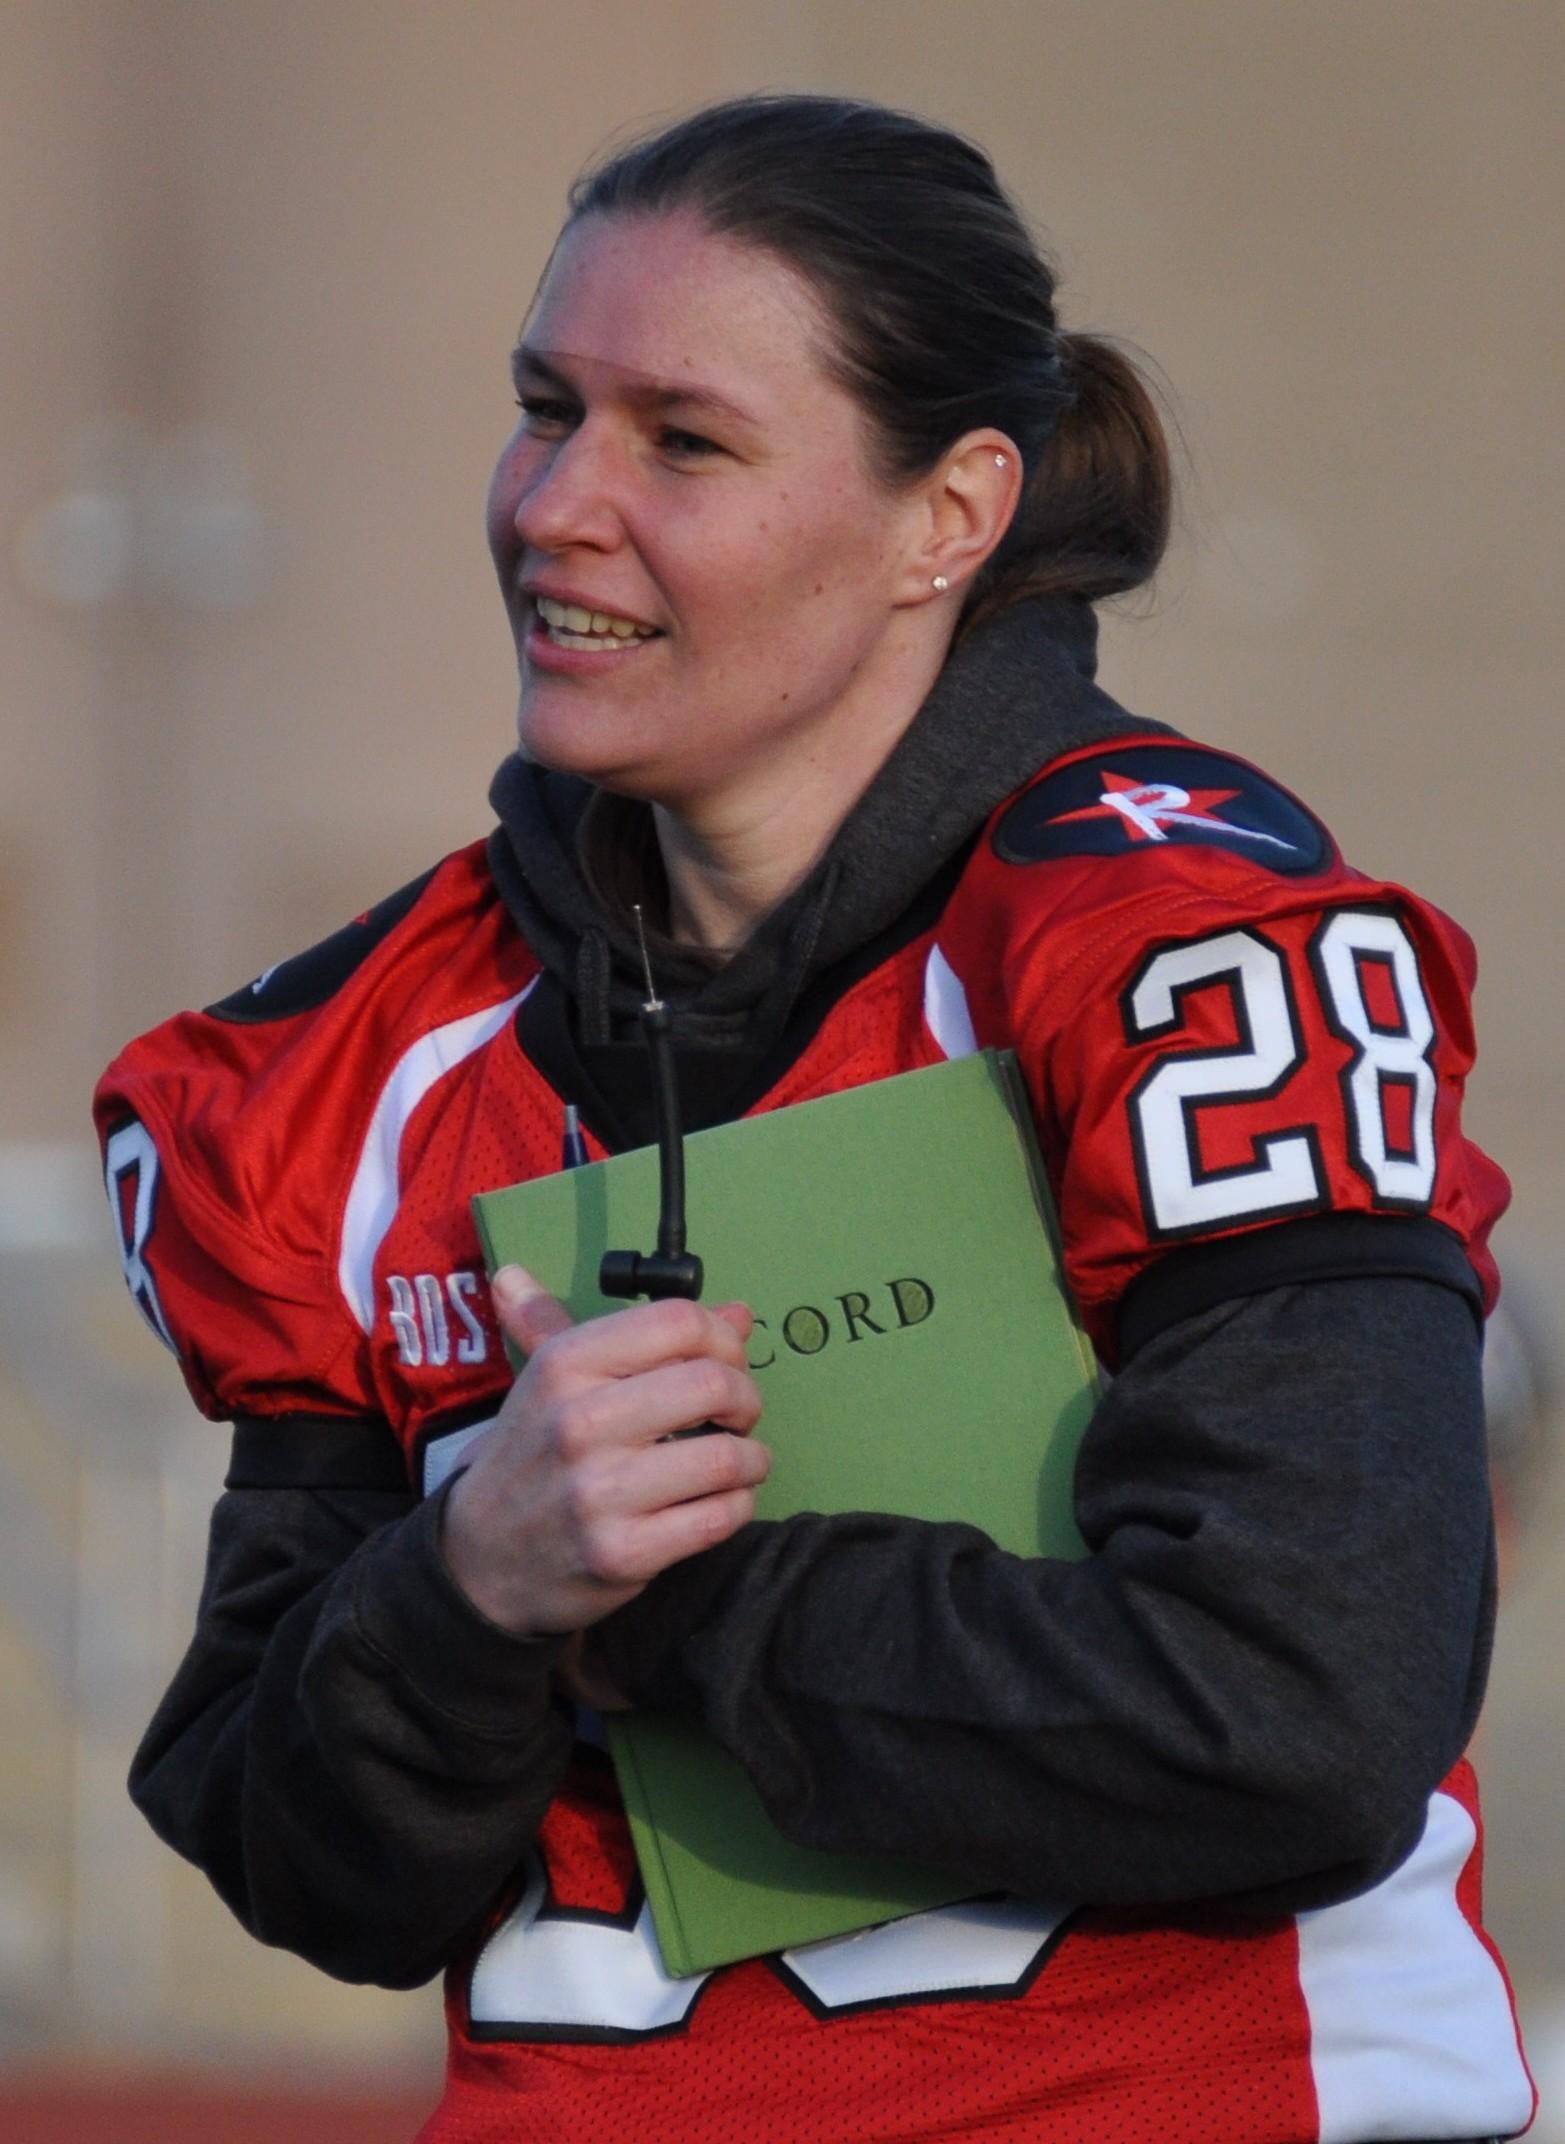 Abby Pelletier (2015)